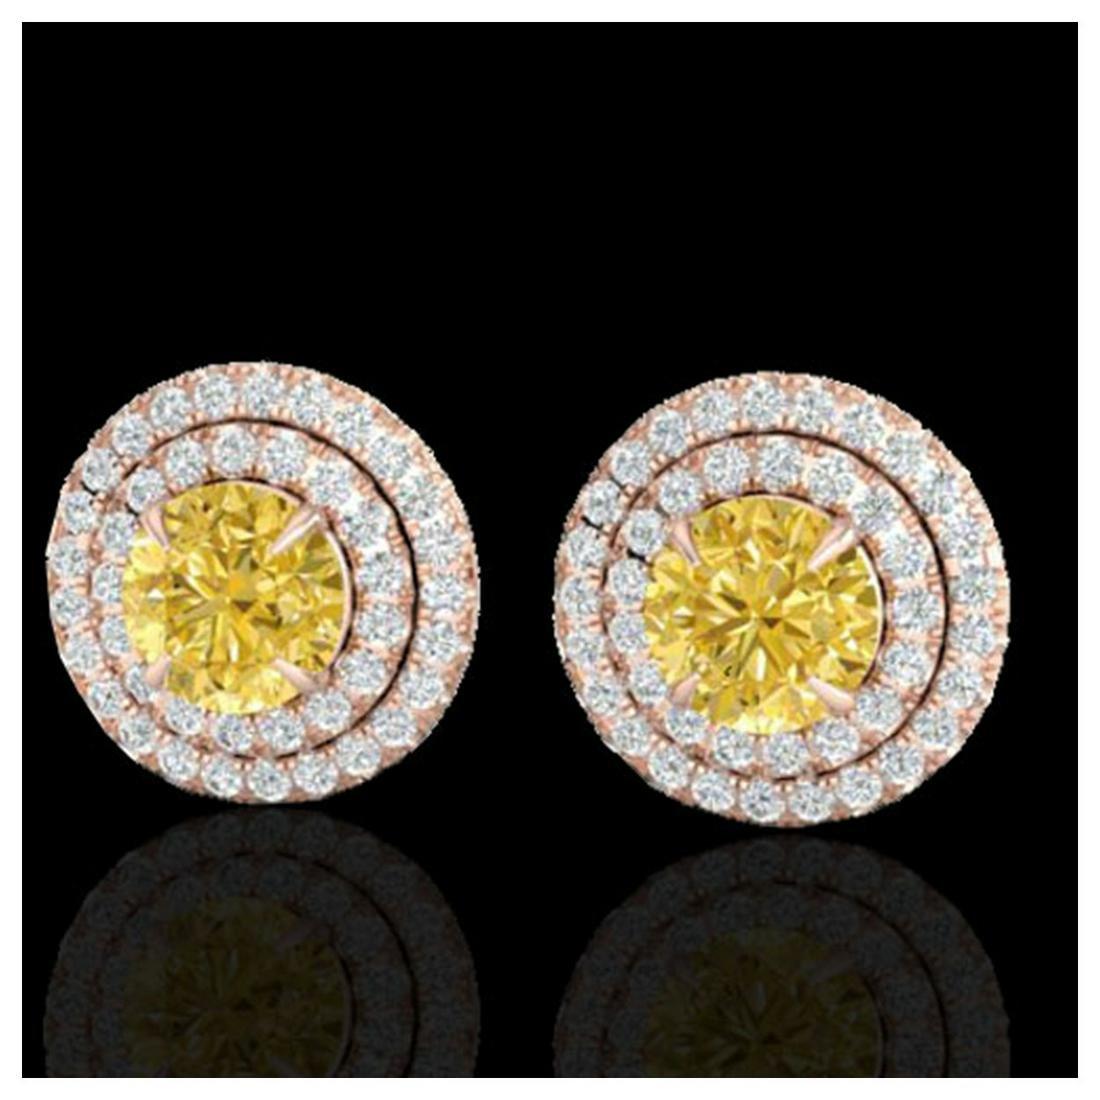 2 ctw Citrine & VS/SI Diamond Stud Earrings 14K Rose